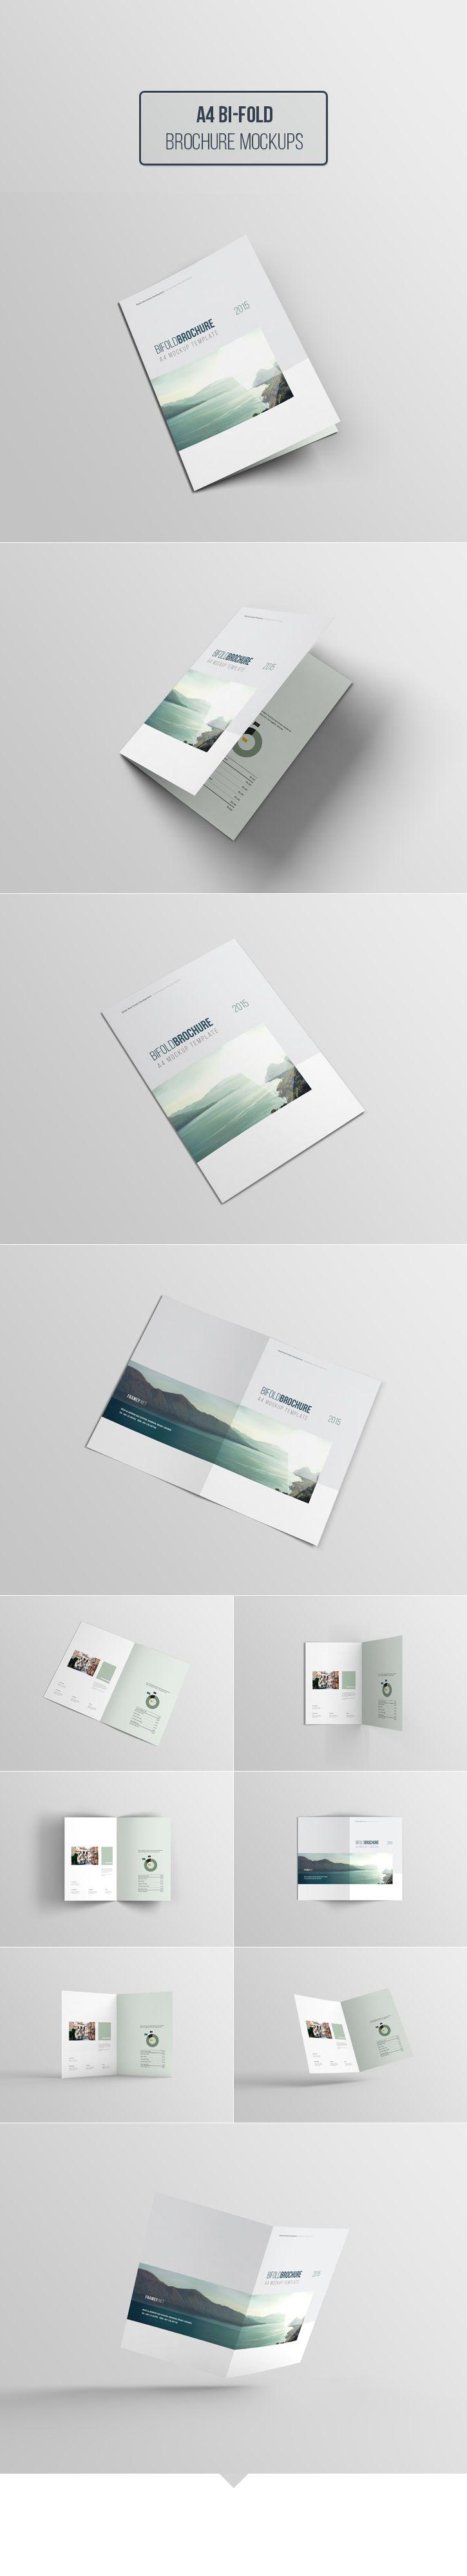 Free A4- Bifold Brochure Mockup  https://www.behance.net/gallery/22125999/Free-A4-Bifold-Brochure-Mockup